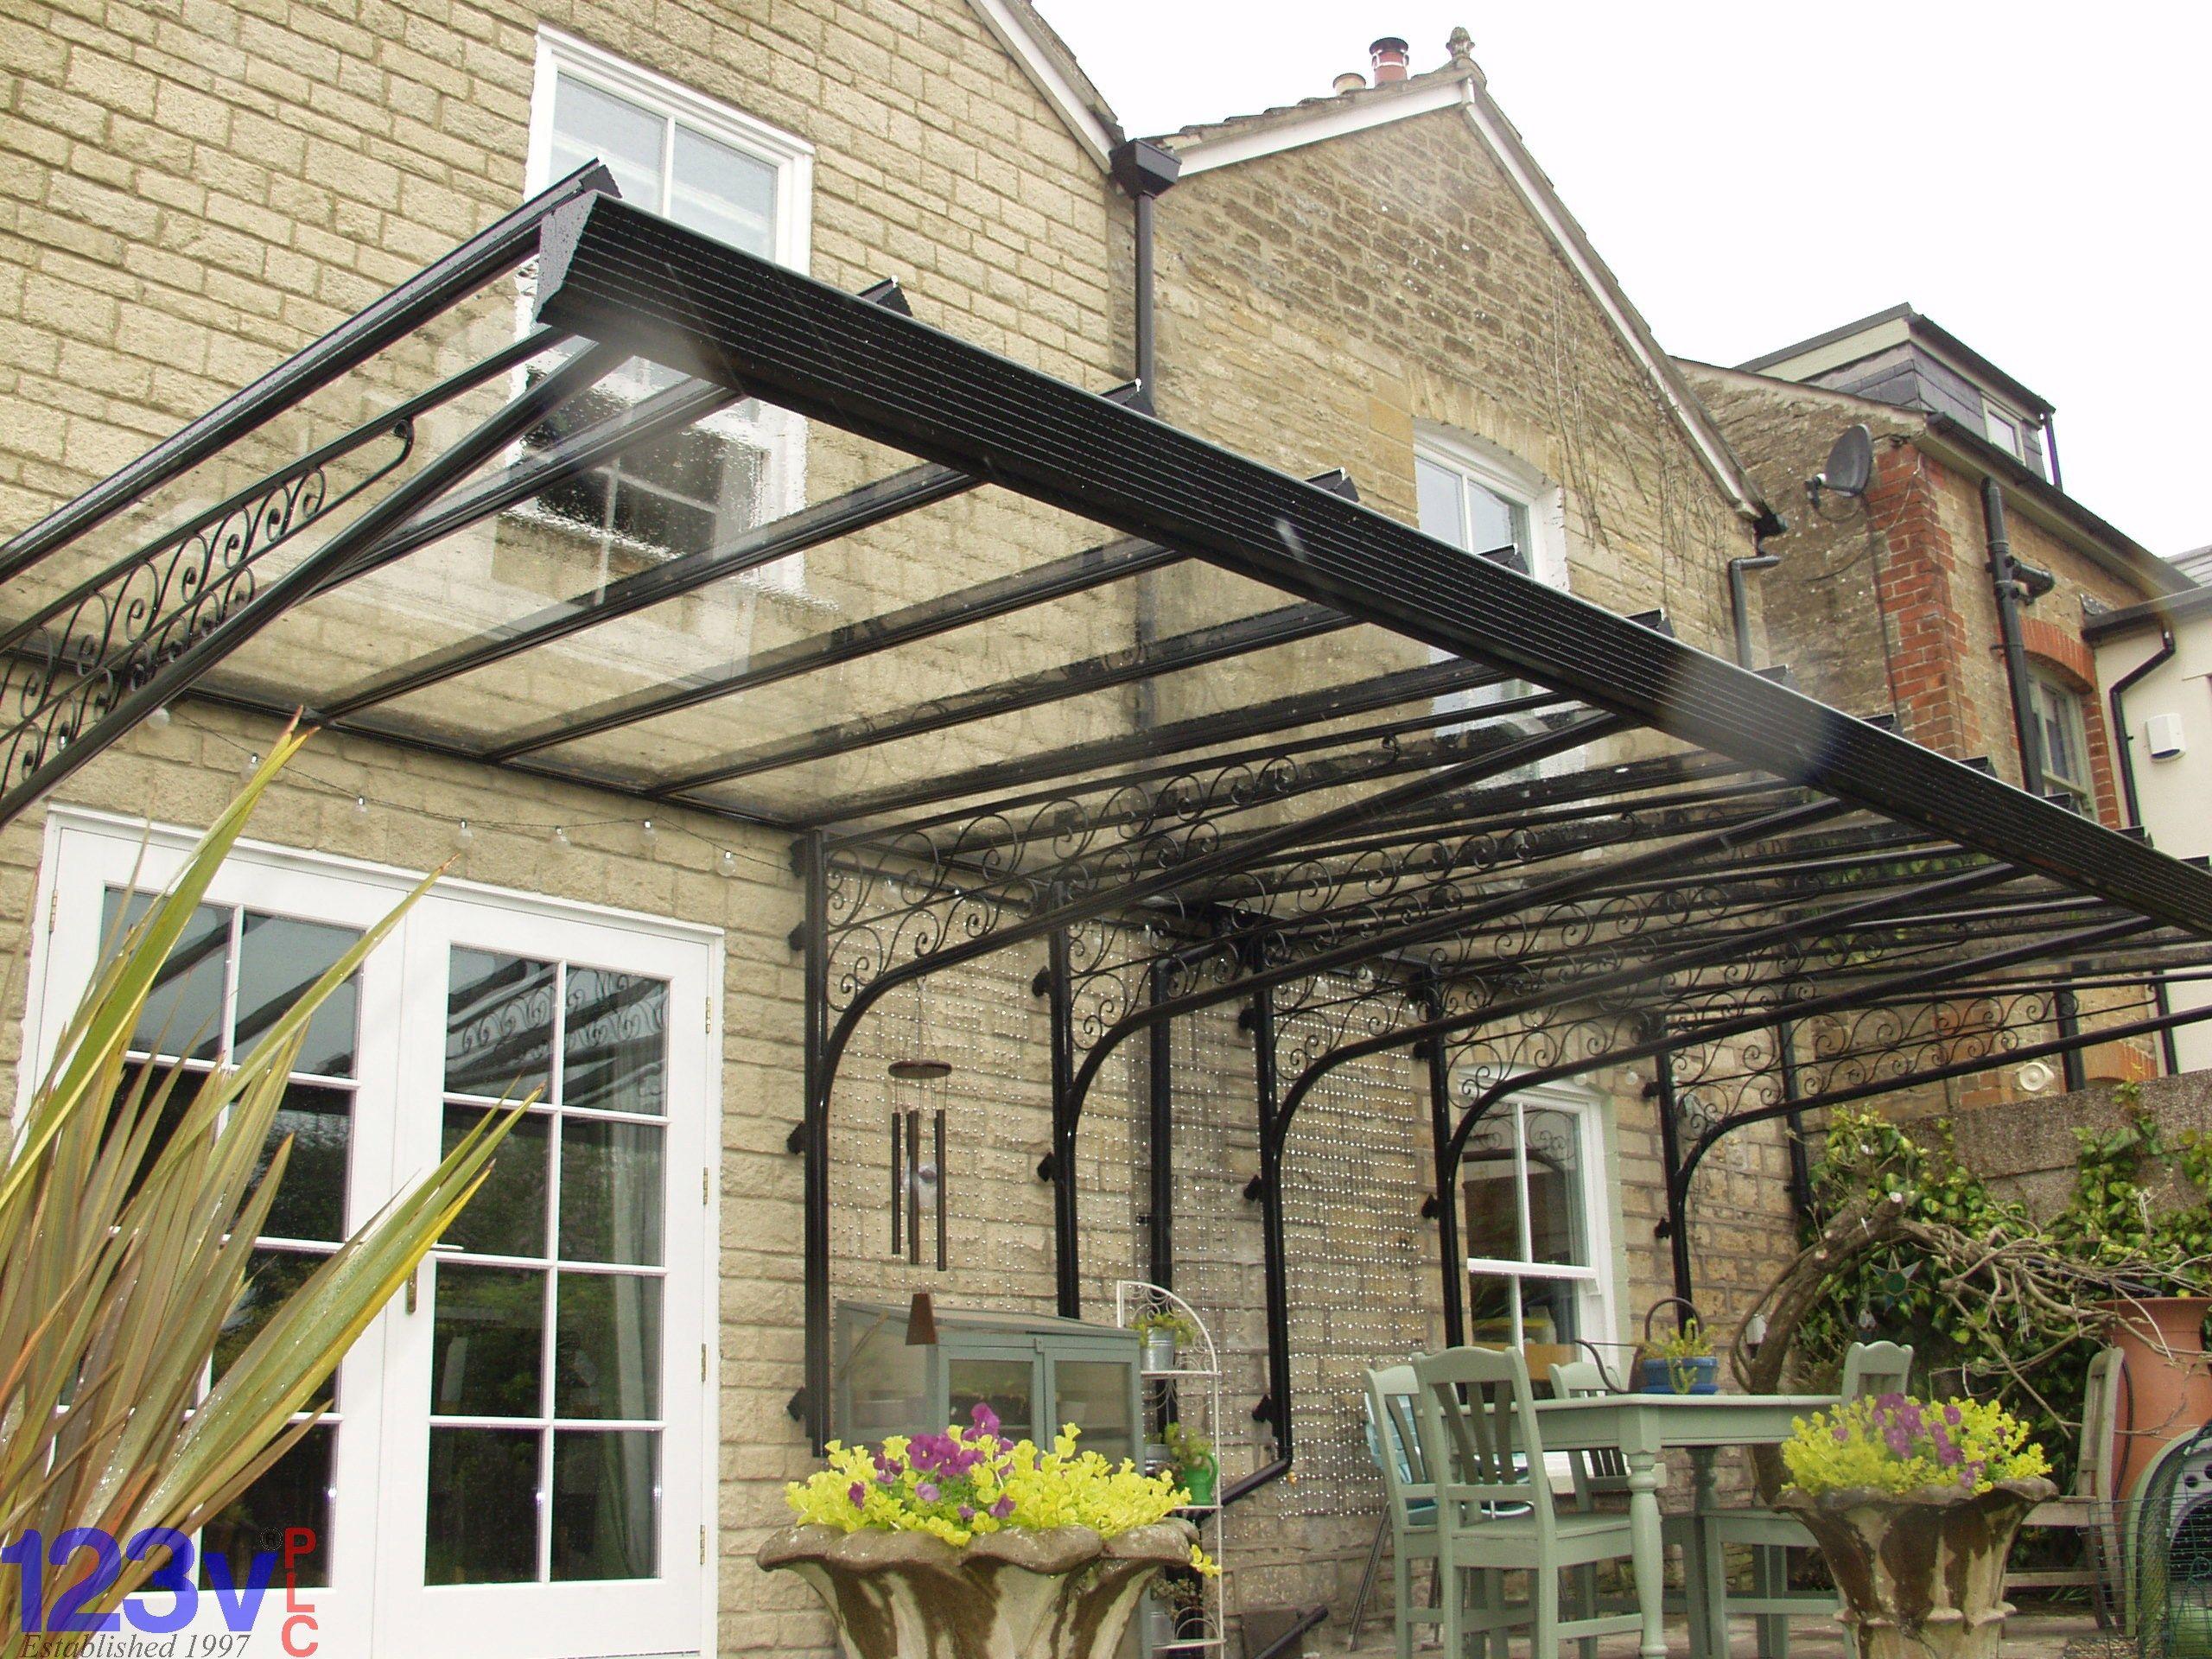 Stunning Garden Canopy #14844 & Stunning Garden Canopy #14844 | Design | Pinterest | Garden canopy ...